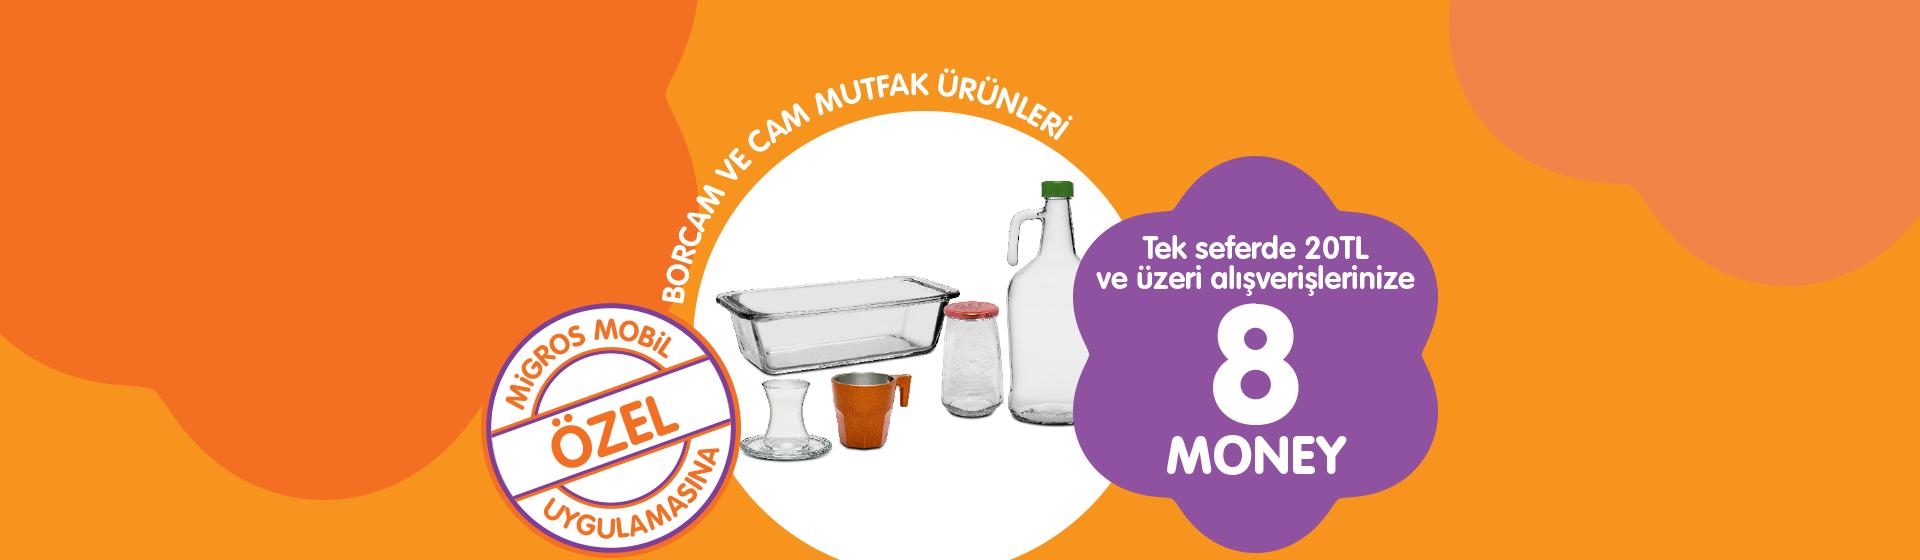 Borcam ve Cam Mutfak Ürünleri Money Kampanyası